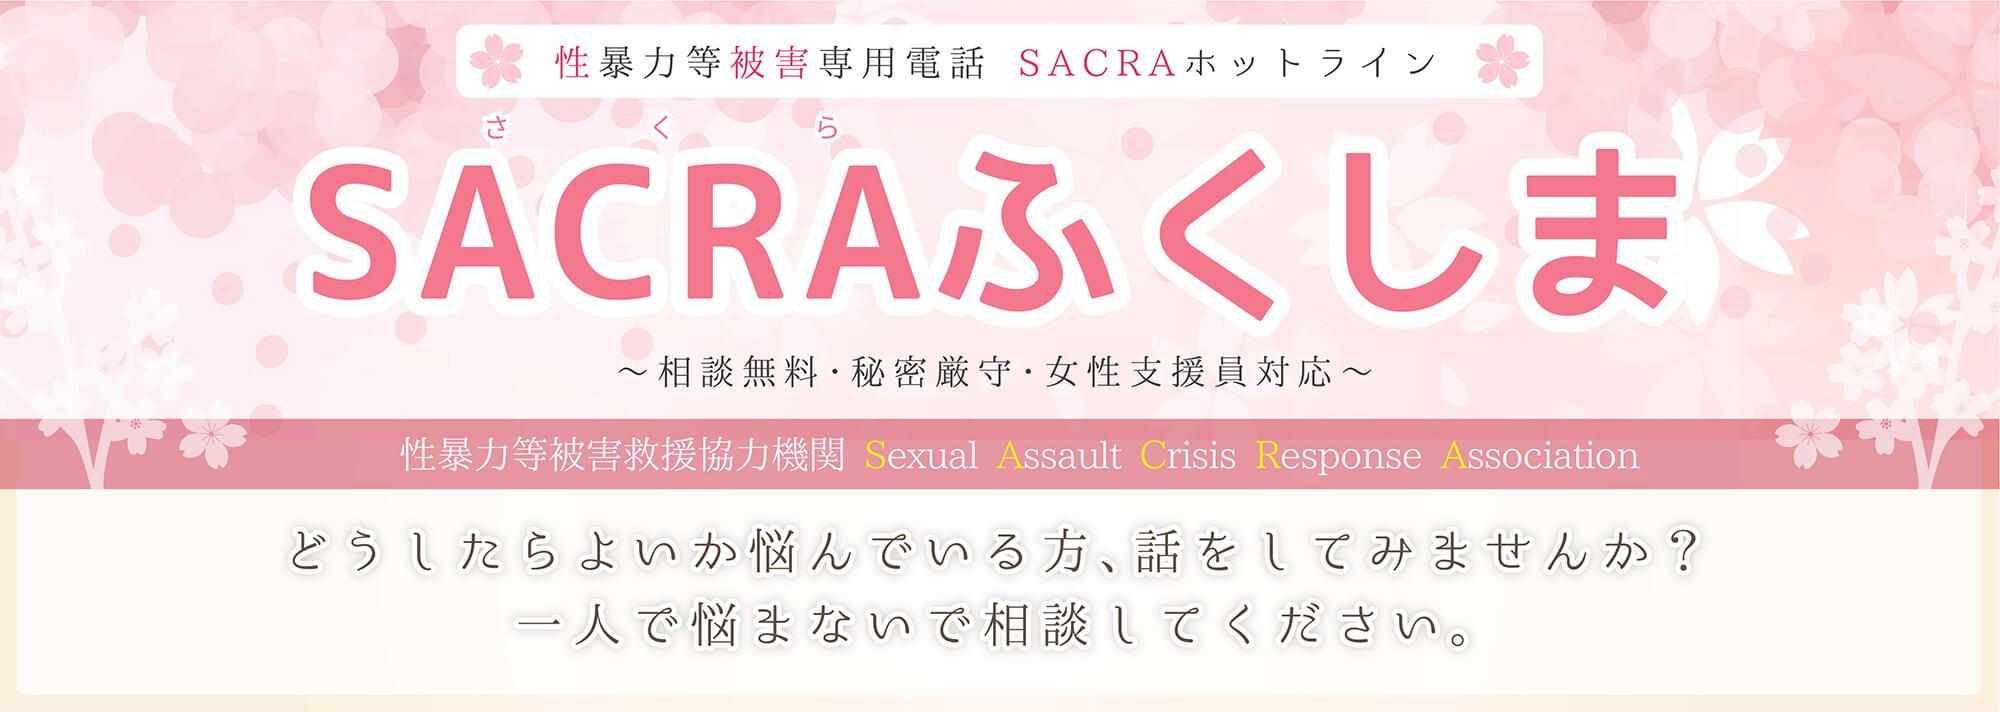 性暴力等被害専用電話 SACRAホットライン